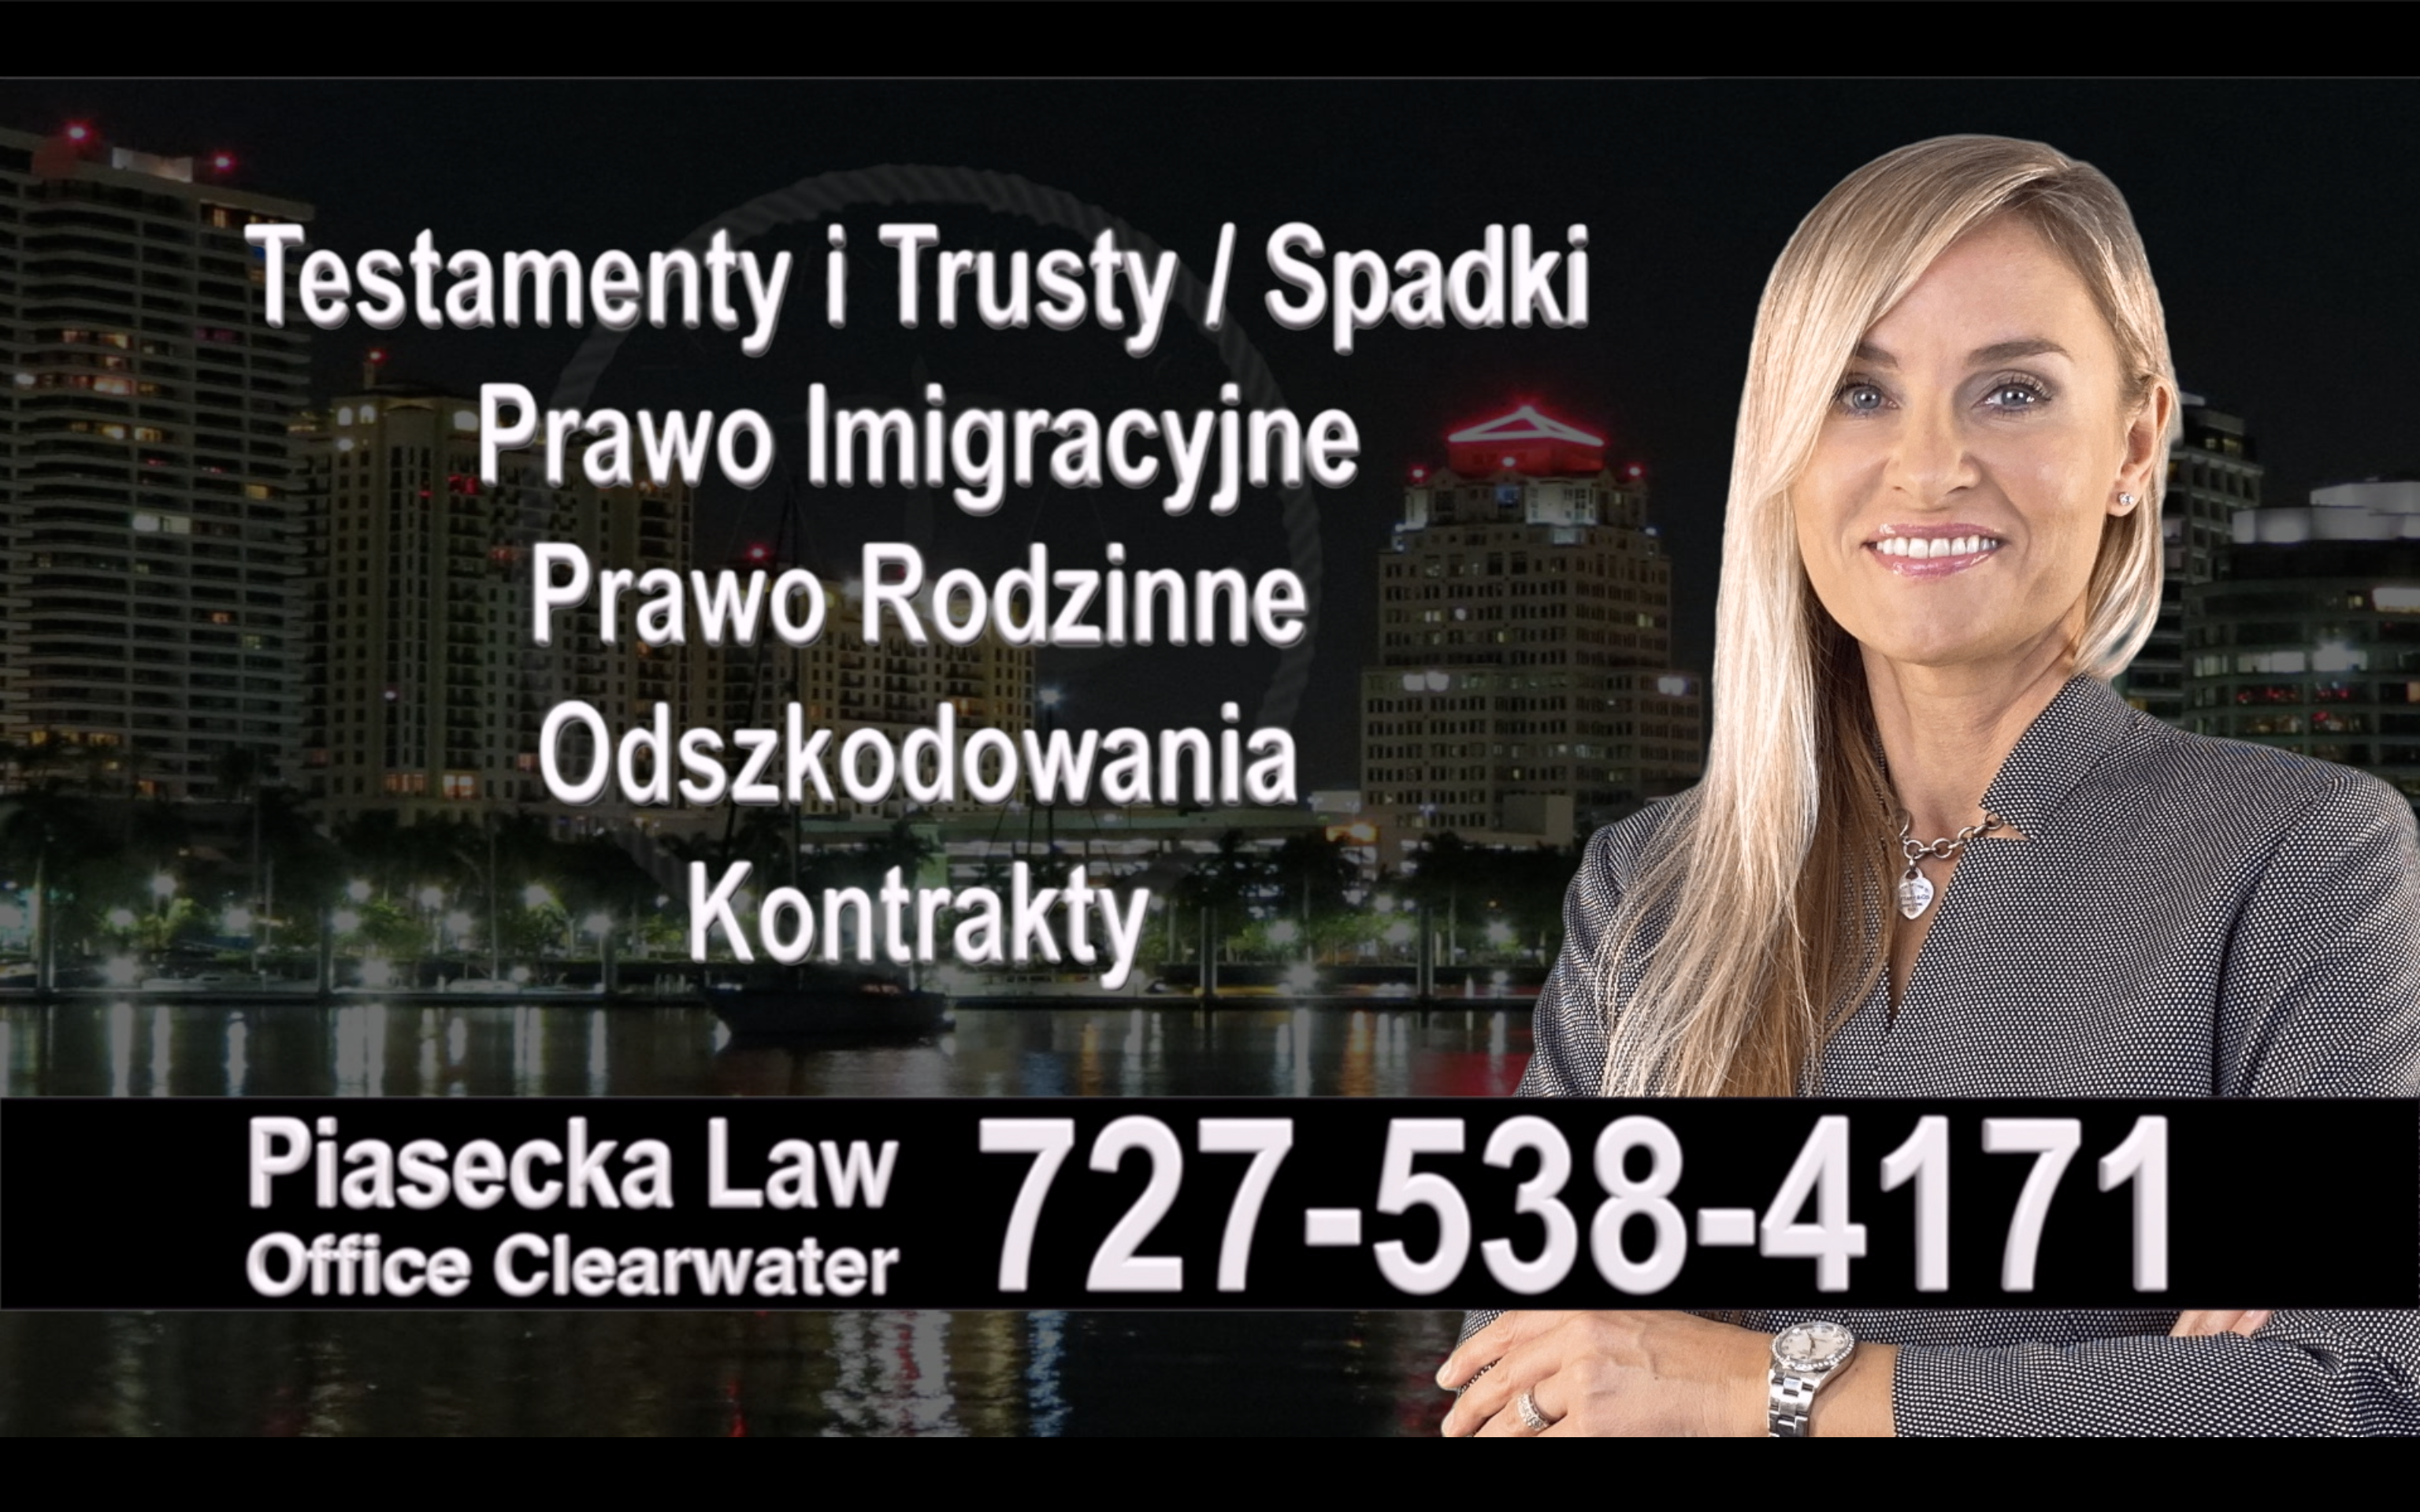 South Tampa, Polski, Prawnik adwokat, polish, lawyer, attorney, florida, polscy, prawnicy, adwokaci, Testament, Trust, wypadek